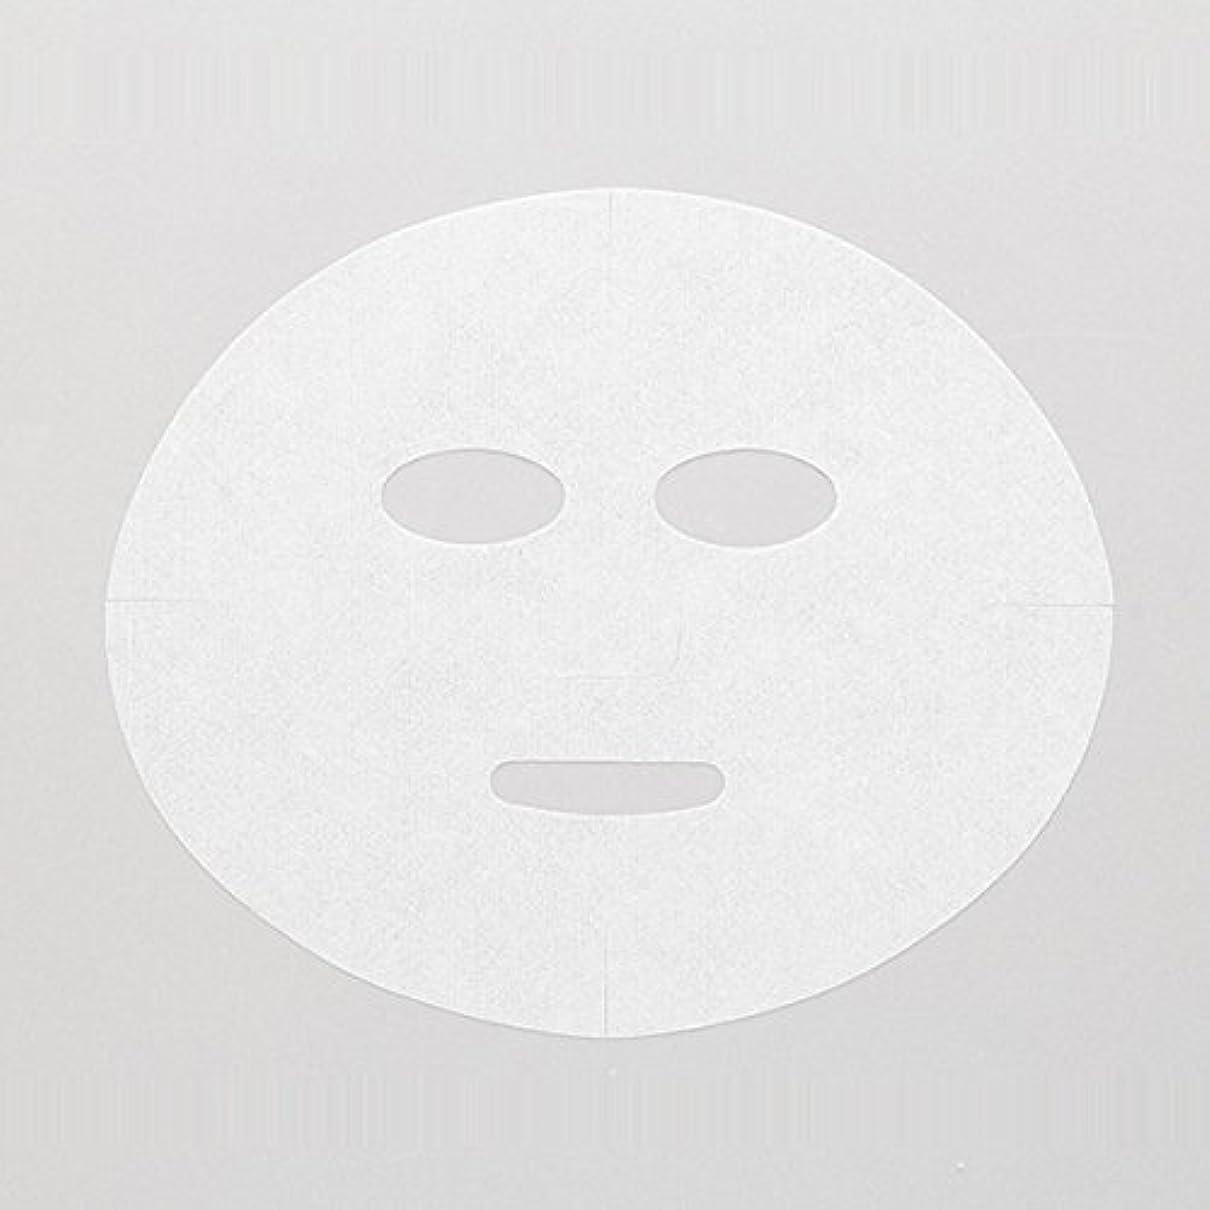 バウンド覗くれる高保水 フェイシャルシート (マスクタイプ 化粧水無) 80枚 24×20cm [ フェイスマスク フェイスシート フェイスパック フェイシャルマスク シートマスク フェイシャルシート フェイシャルパック ローションマスク...